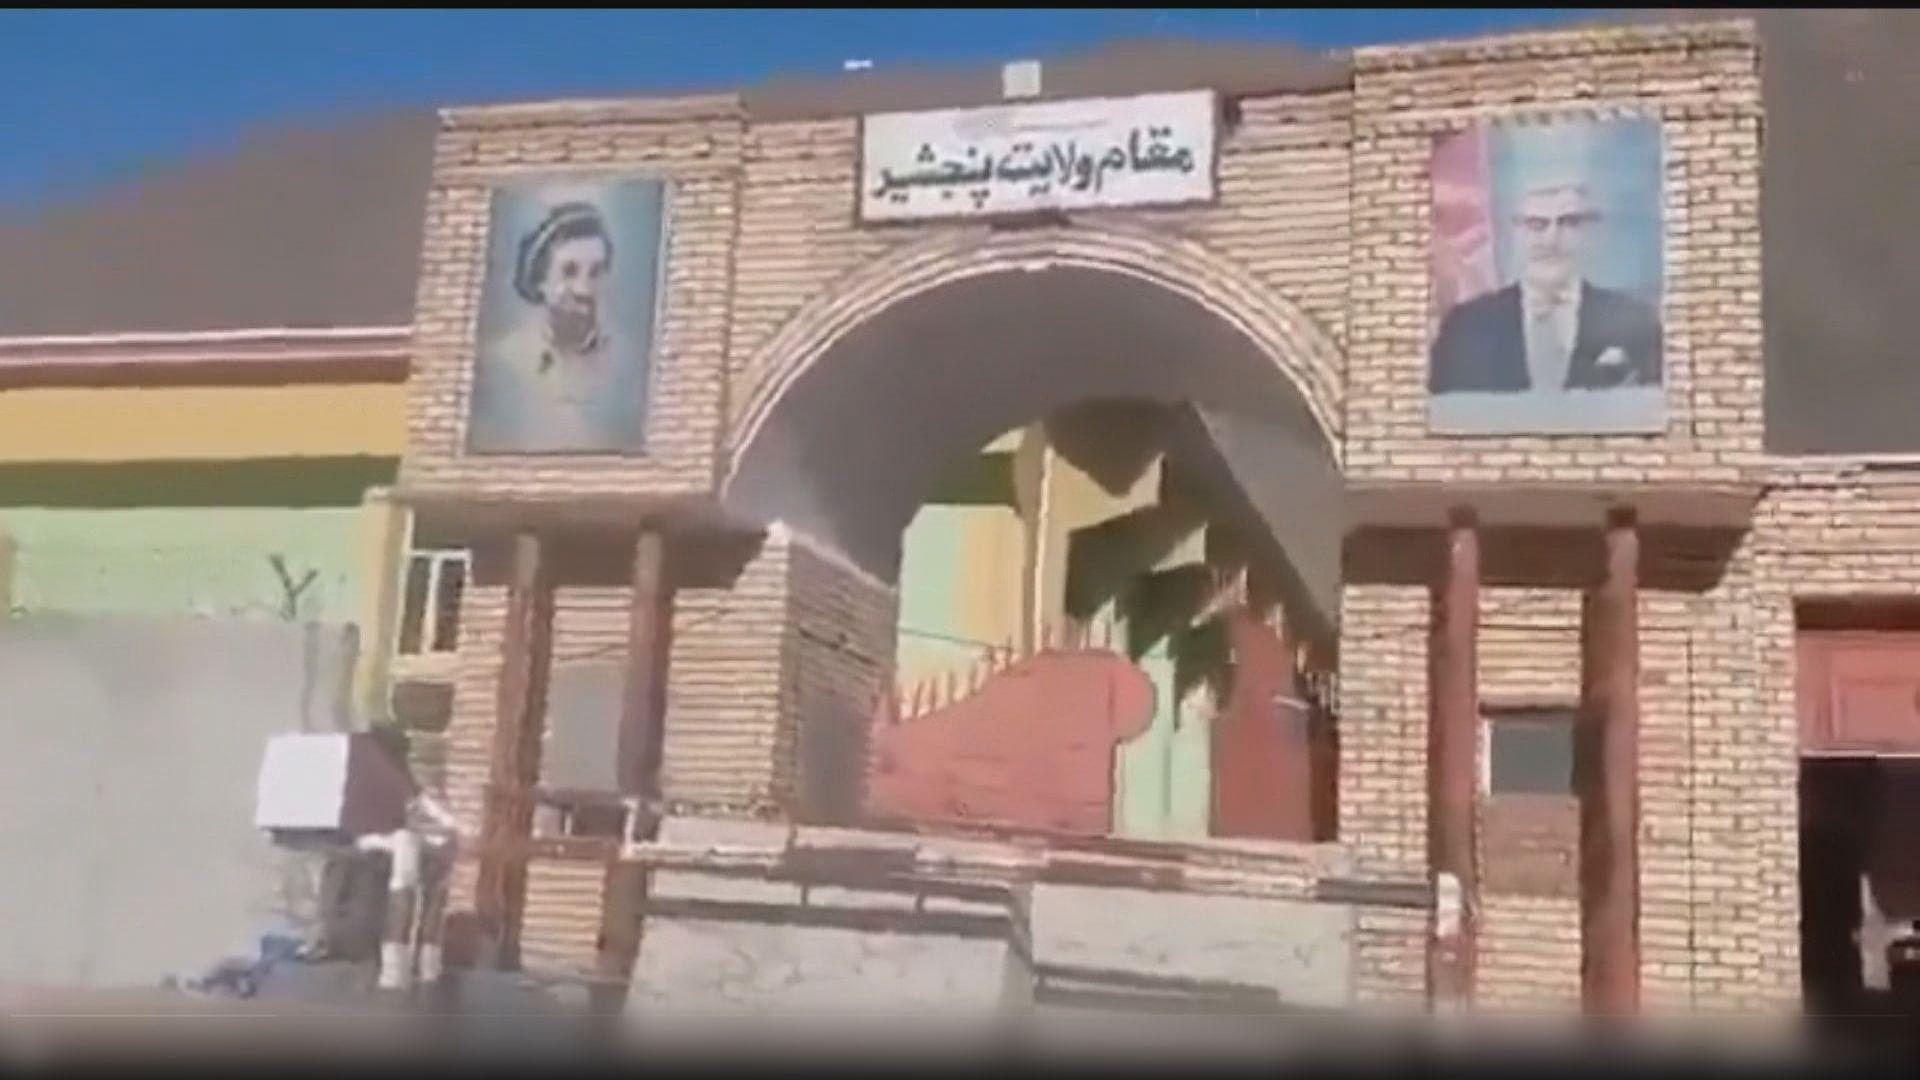 塔利班宣布阿富汗戰爭已結束 反抗勢力否認潘傑希省失守